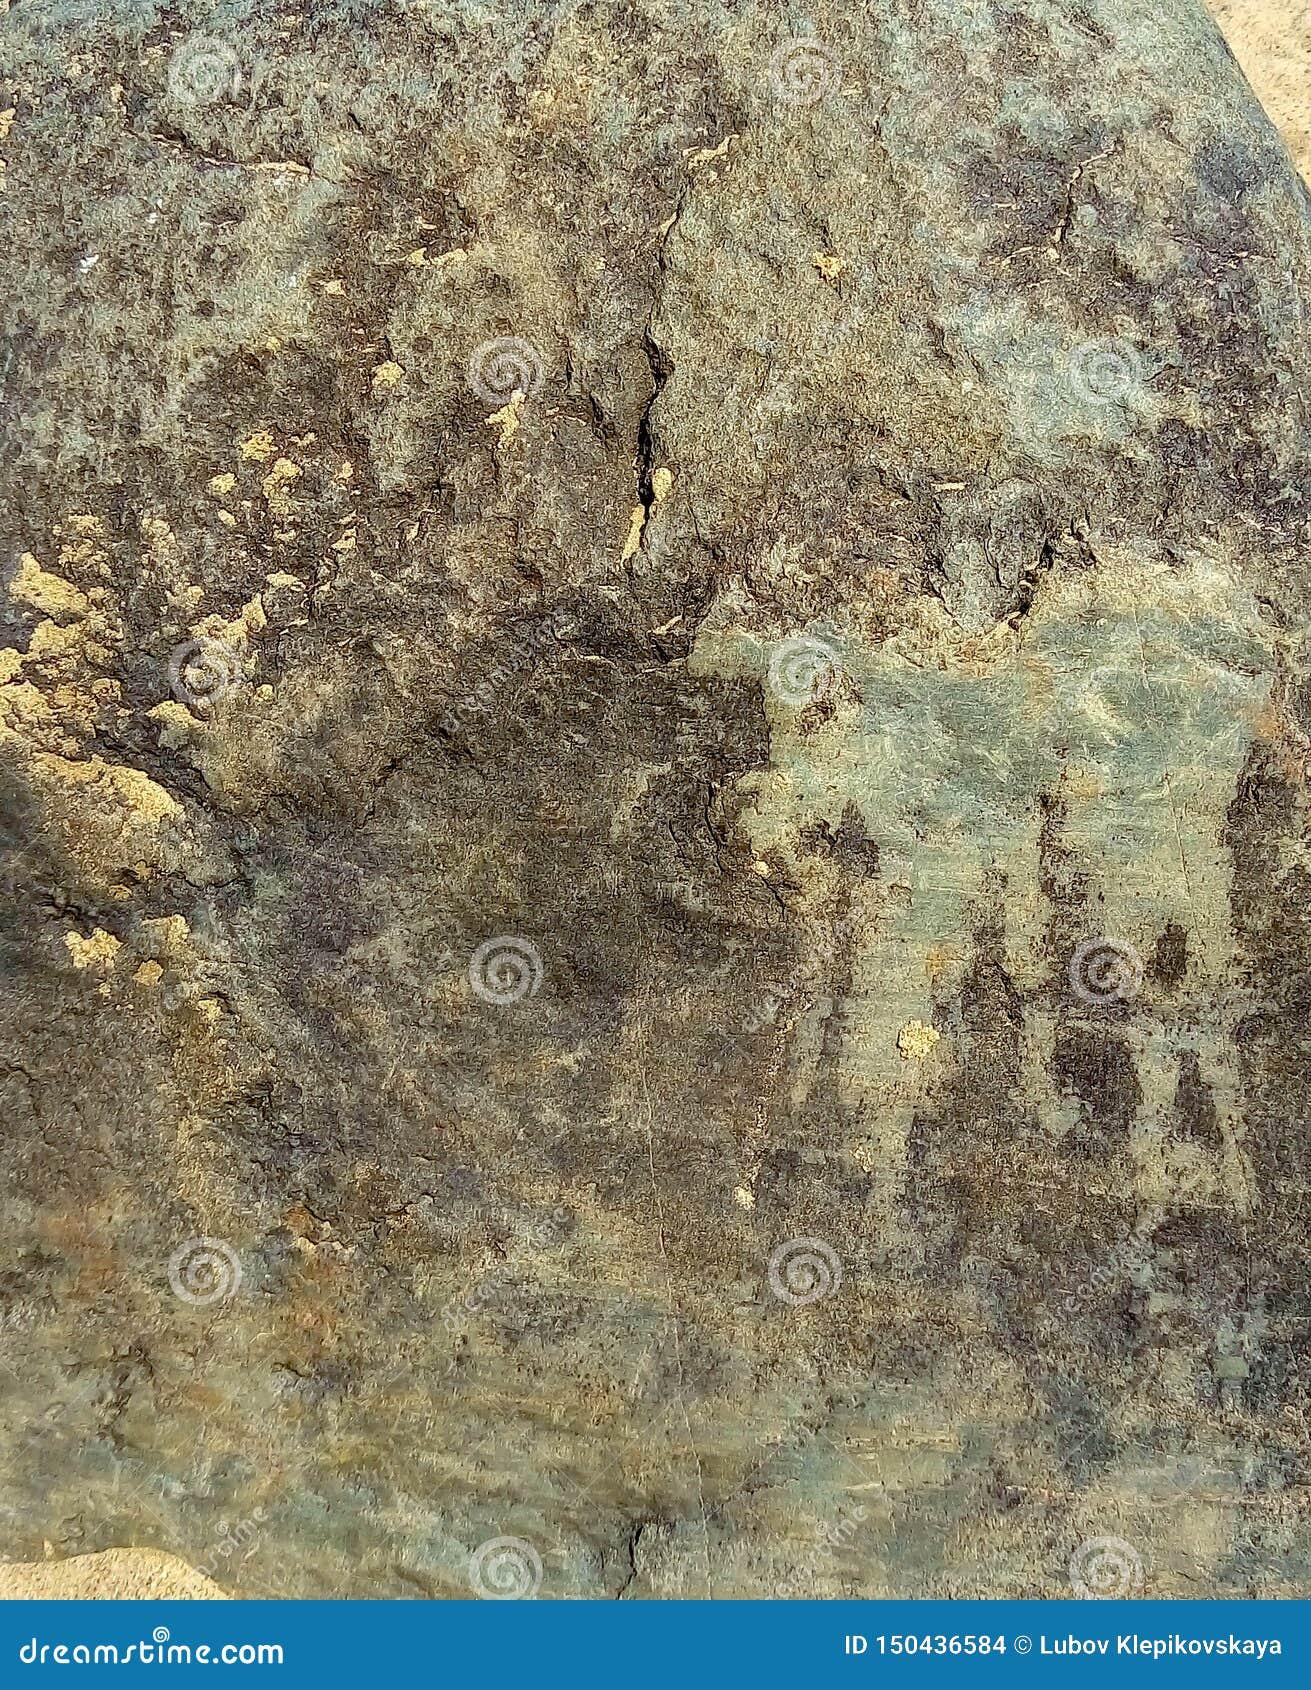 Зеленая каменная текстура на пляже